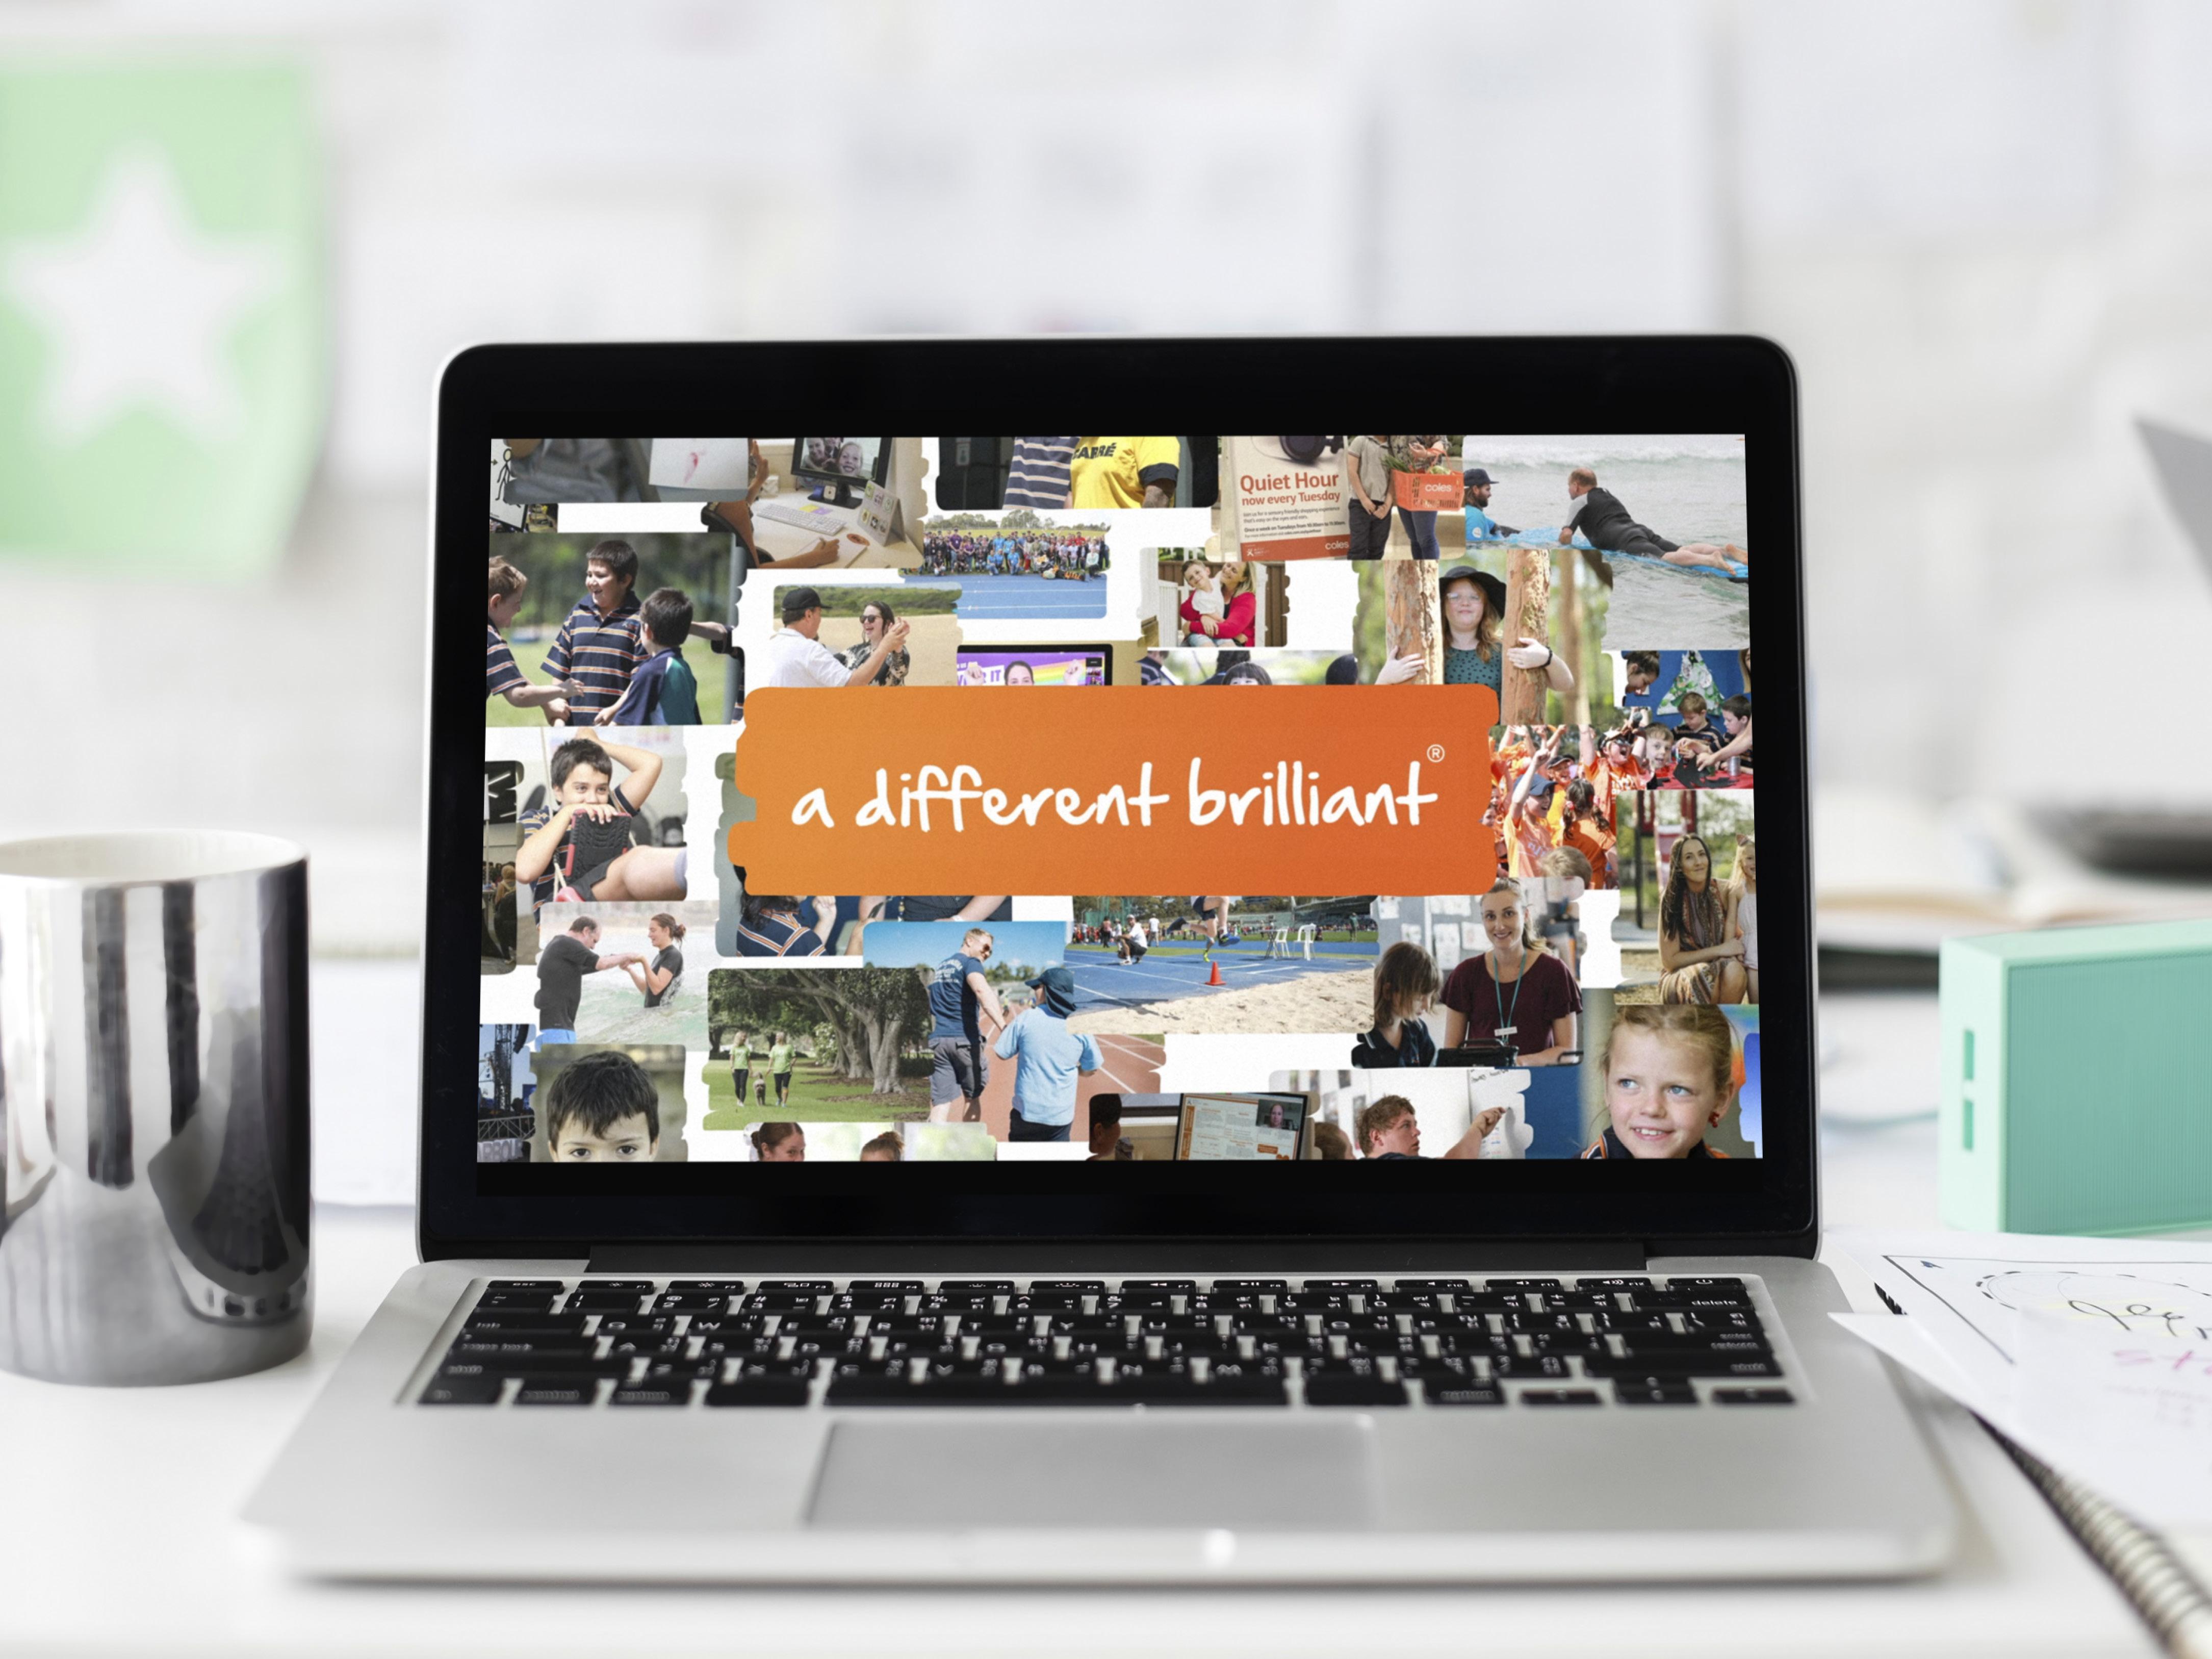 A different brilliant brand video